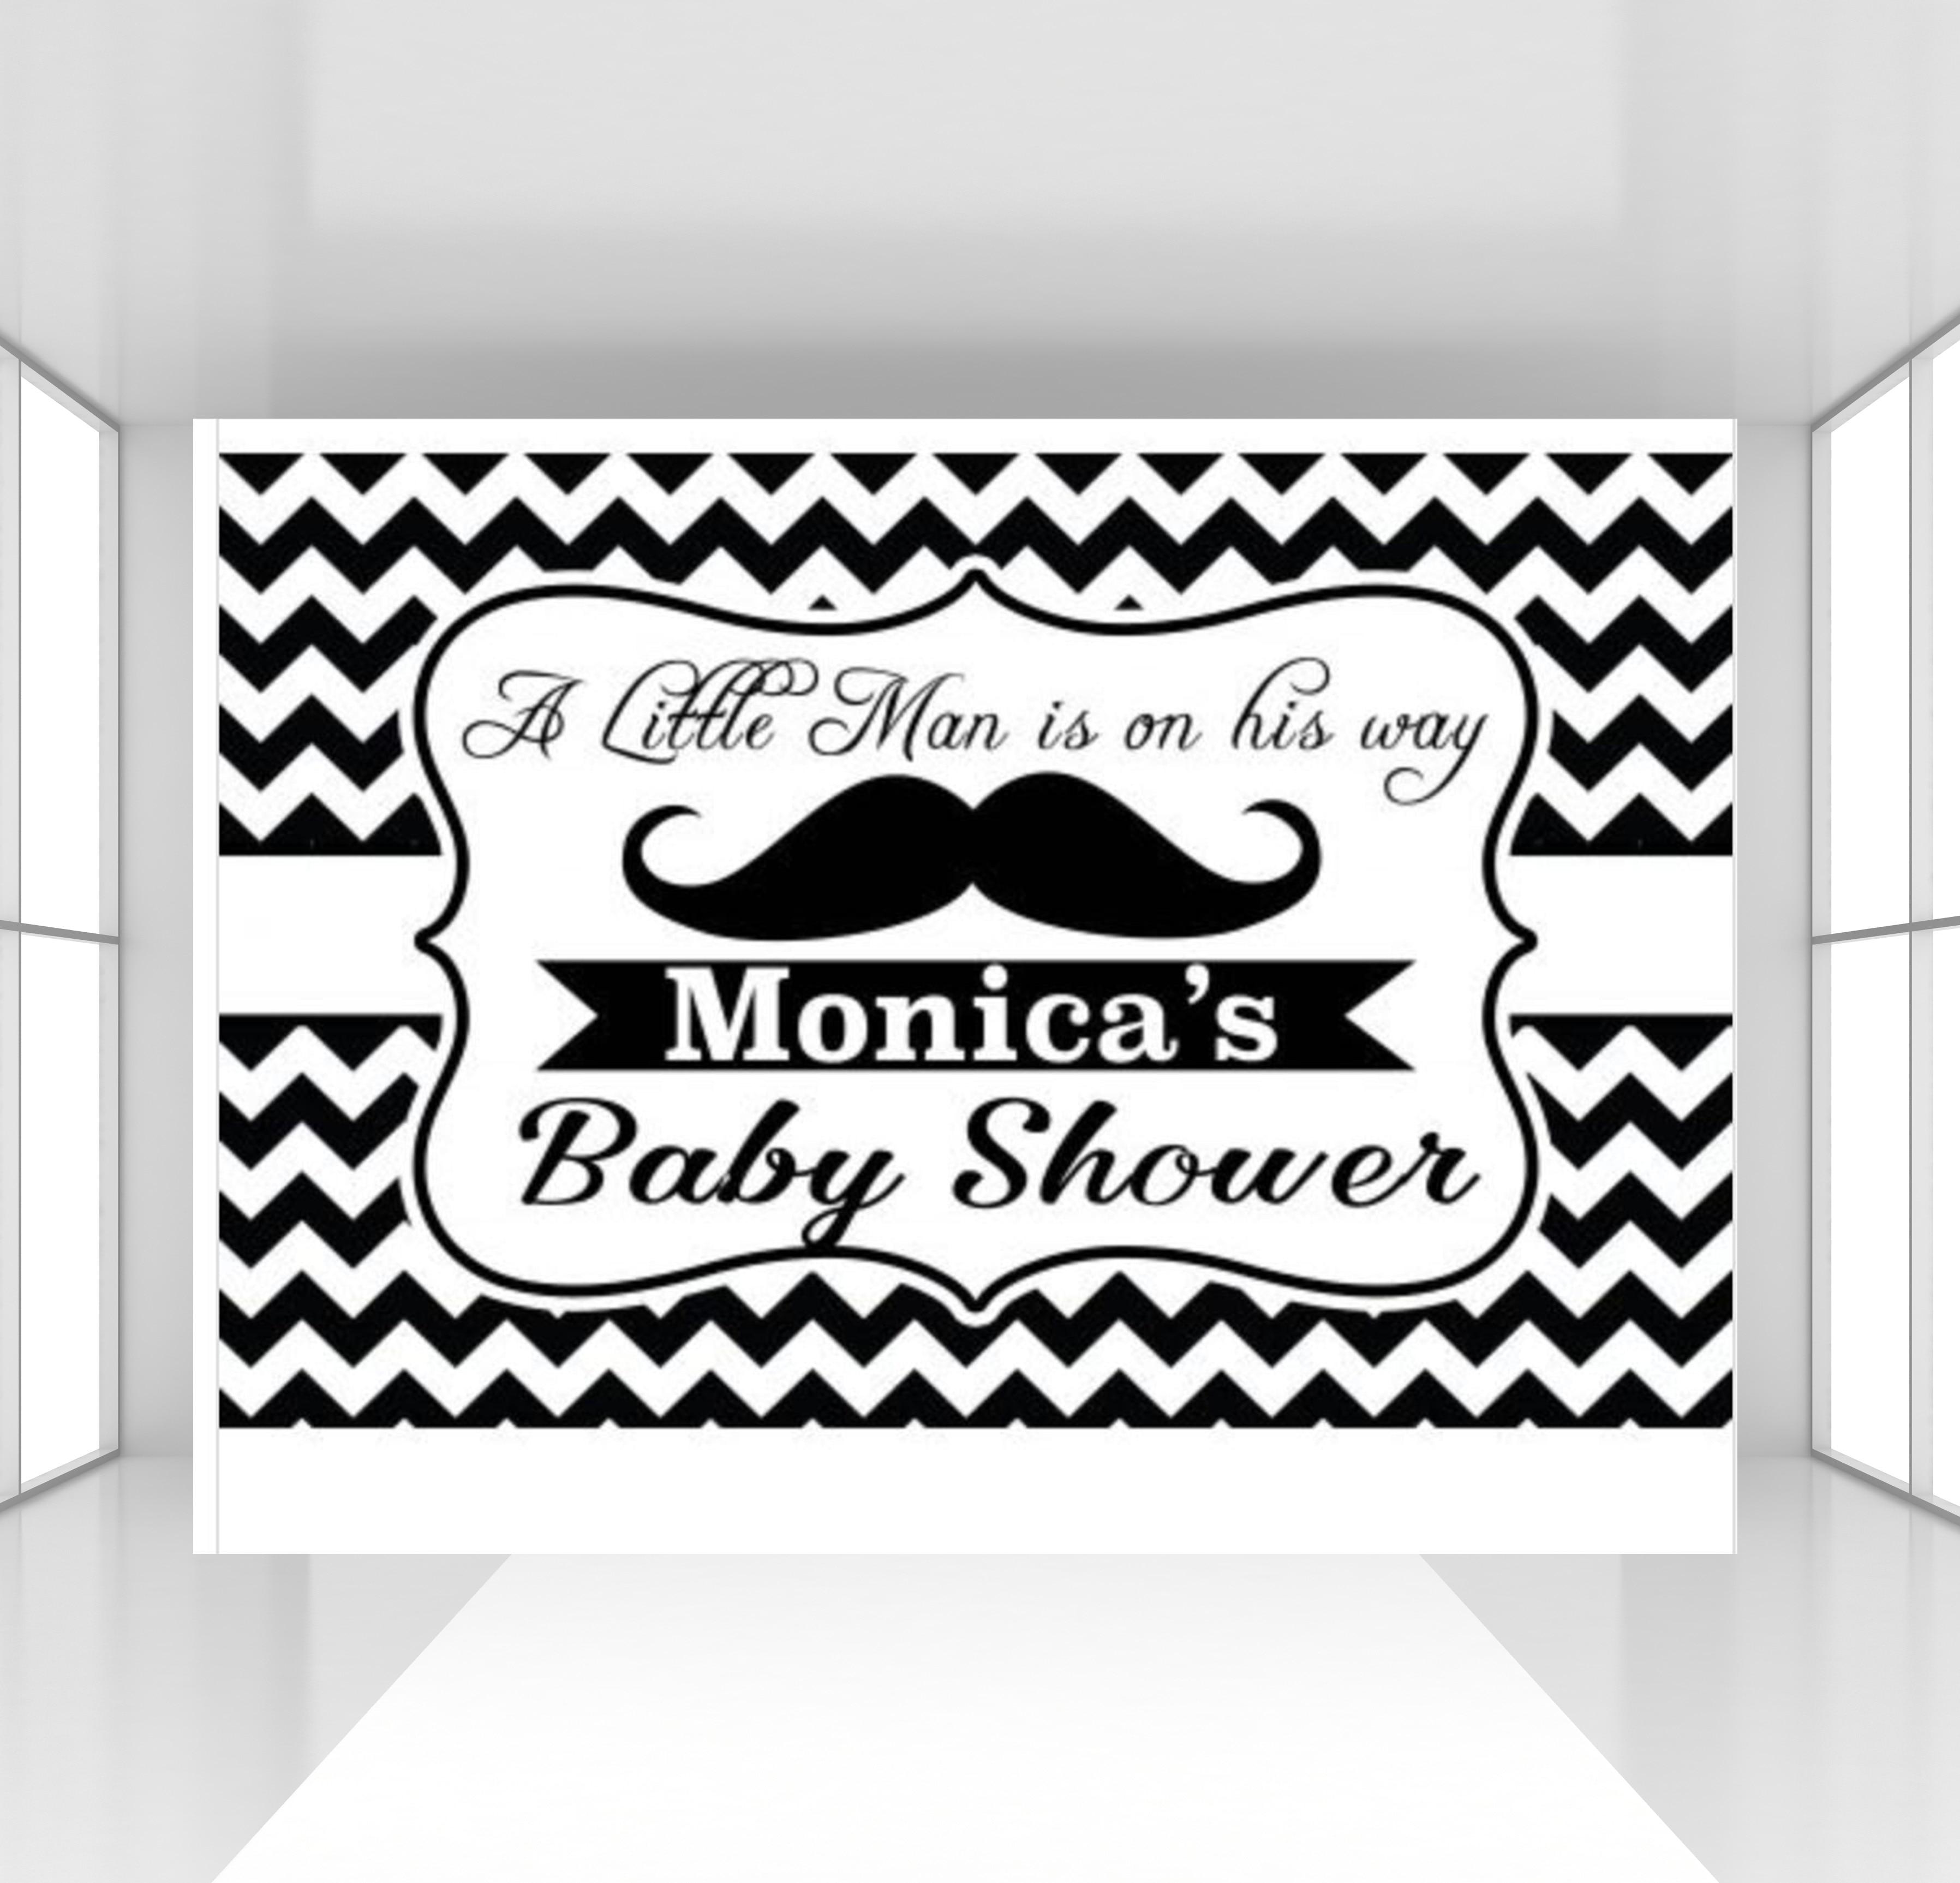 HUAYI personnalisé petit homme bannière toile de fond noir chevron Dessert Table photophone fond moustache anniversaire bébé douche toile de fond